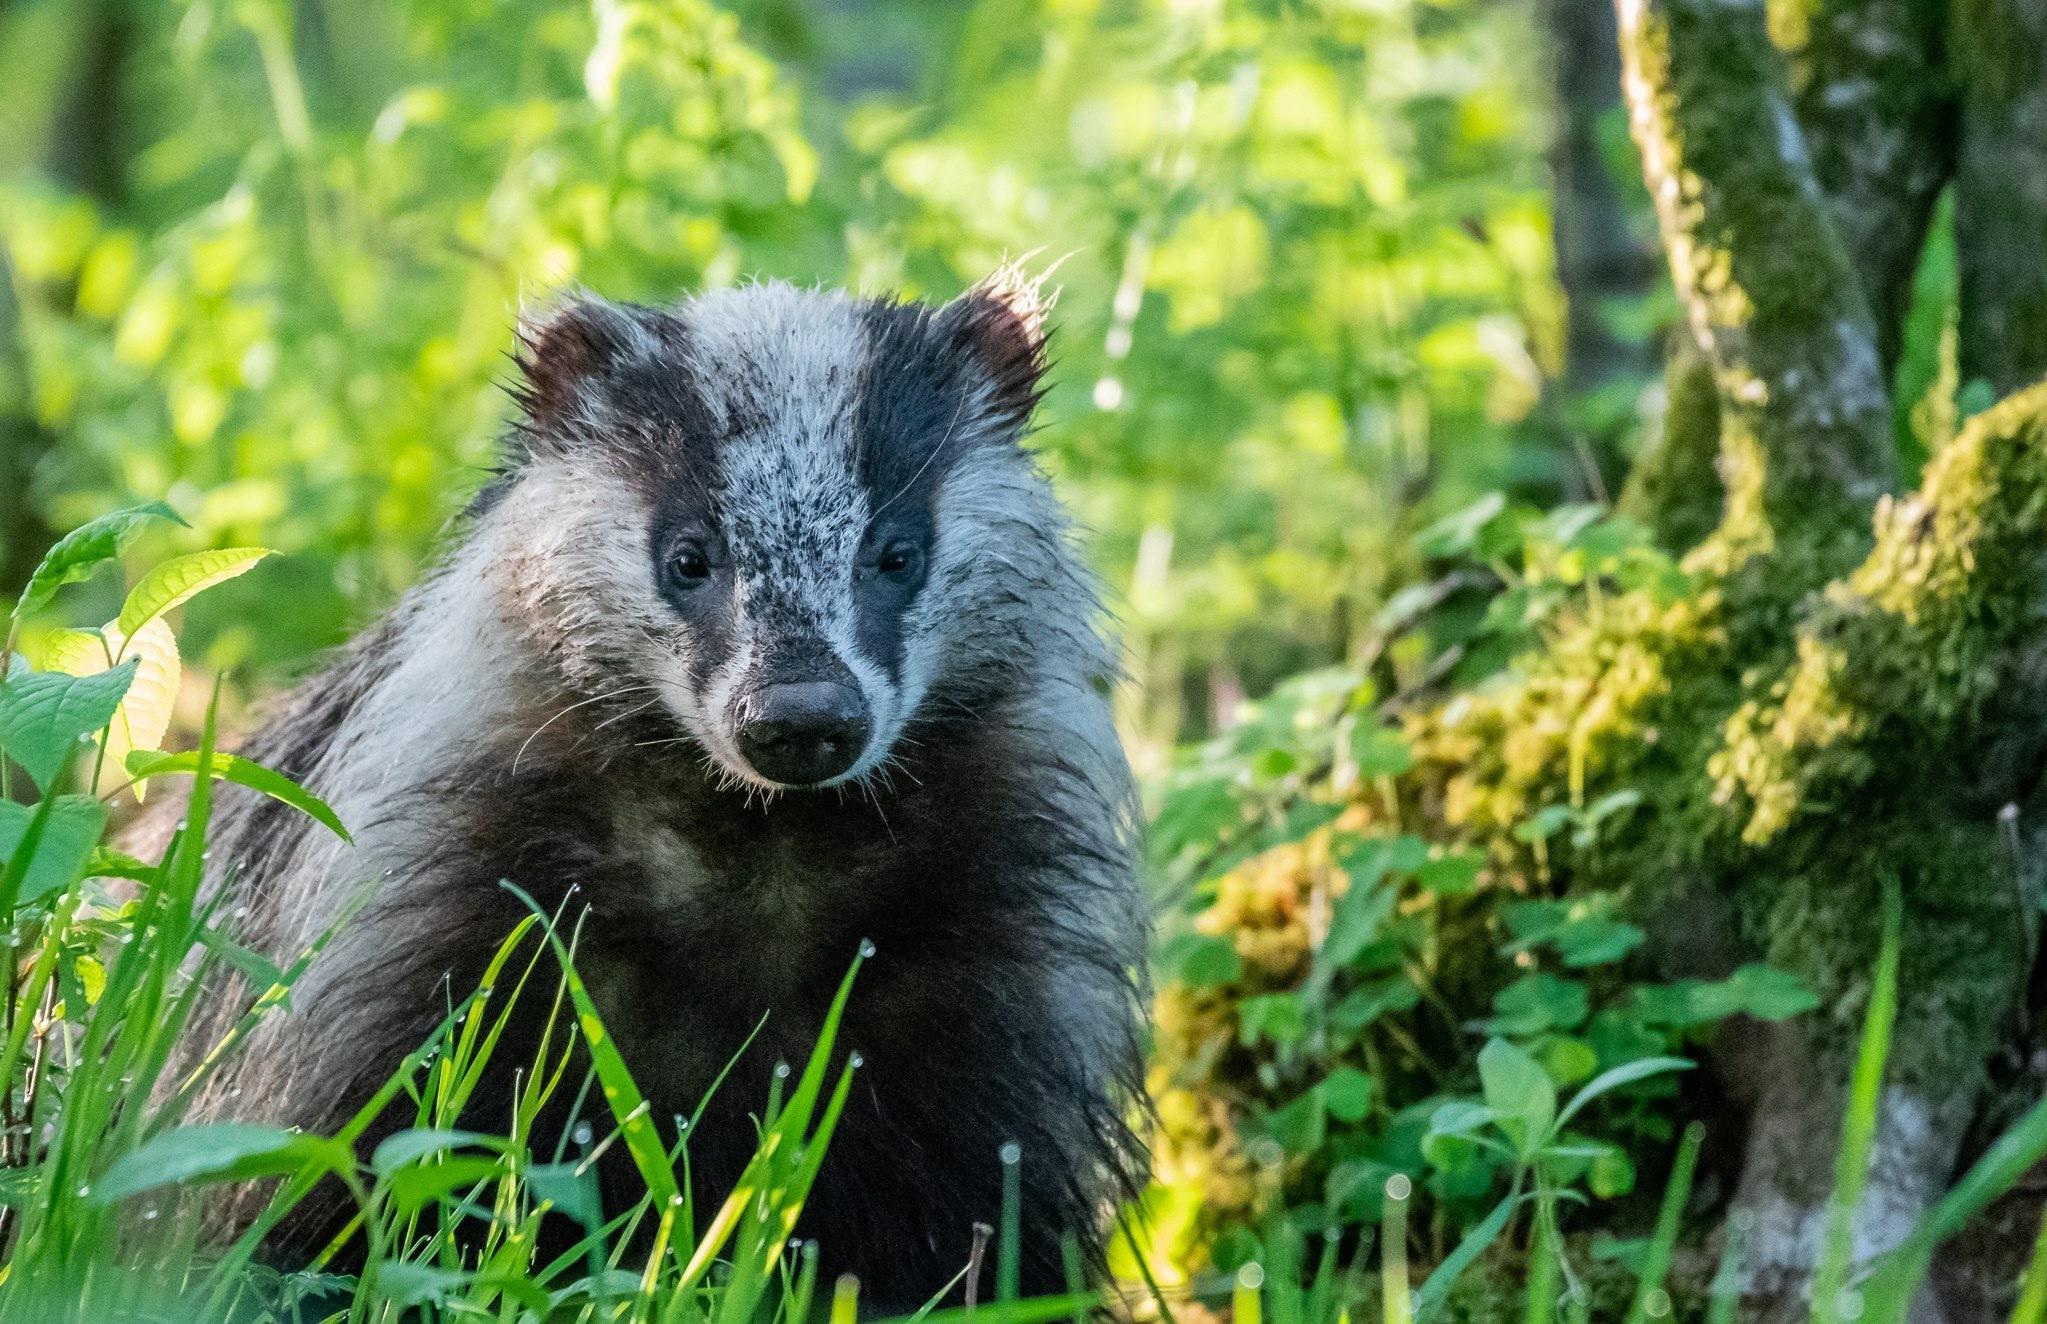 Badger by naturfotomalmedal